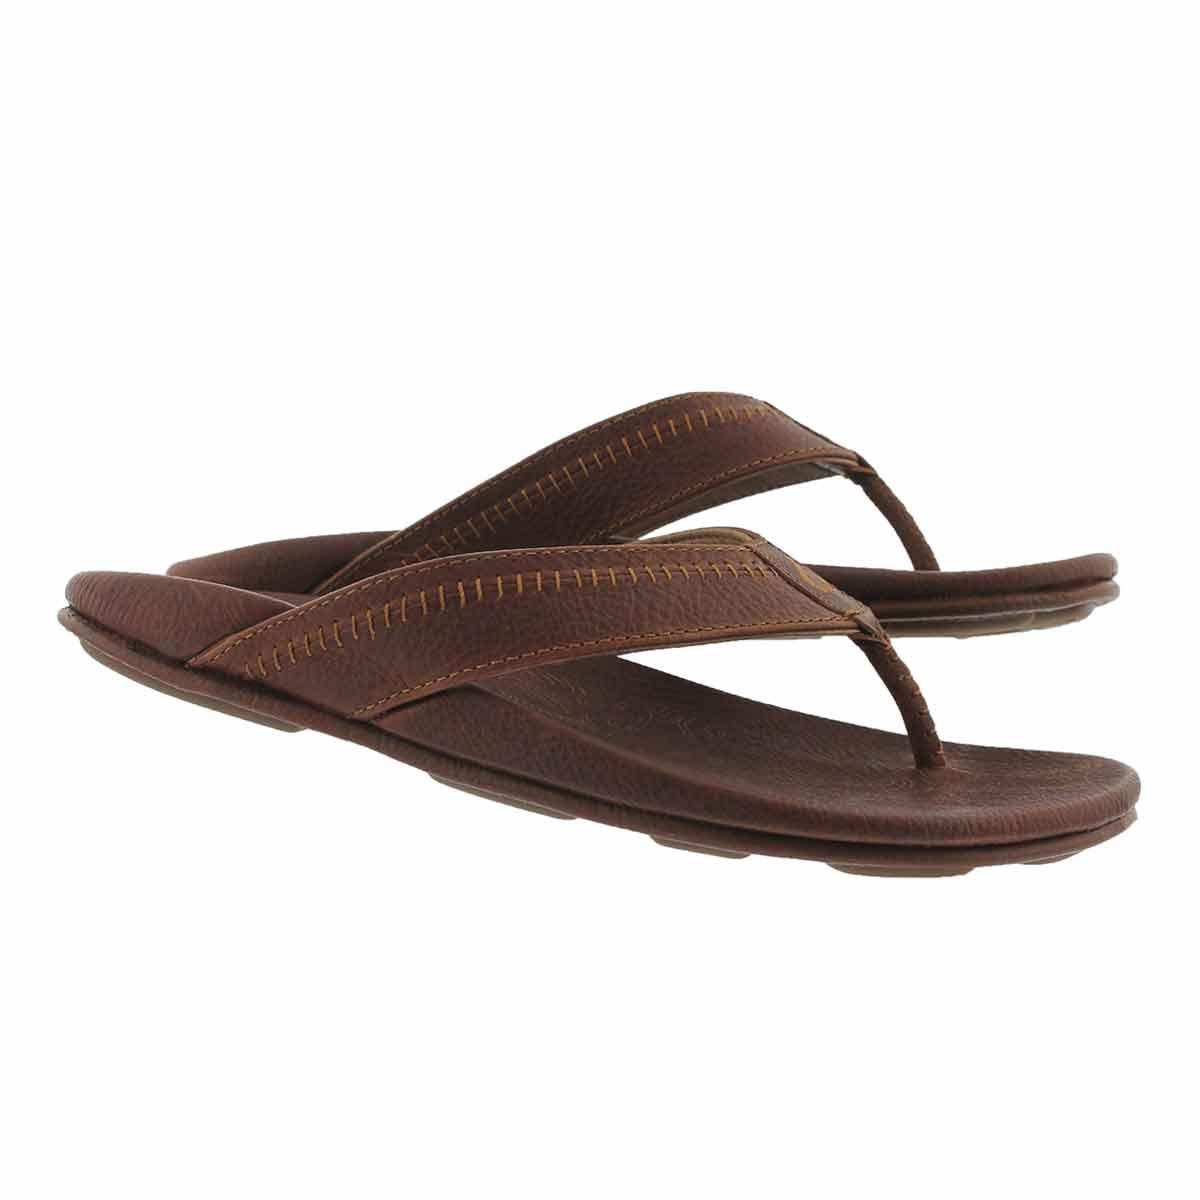 Mns Hiapo teak thong sandal